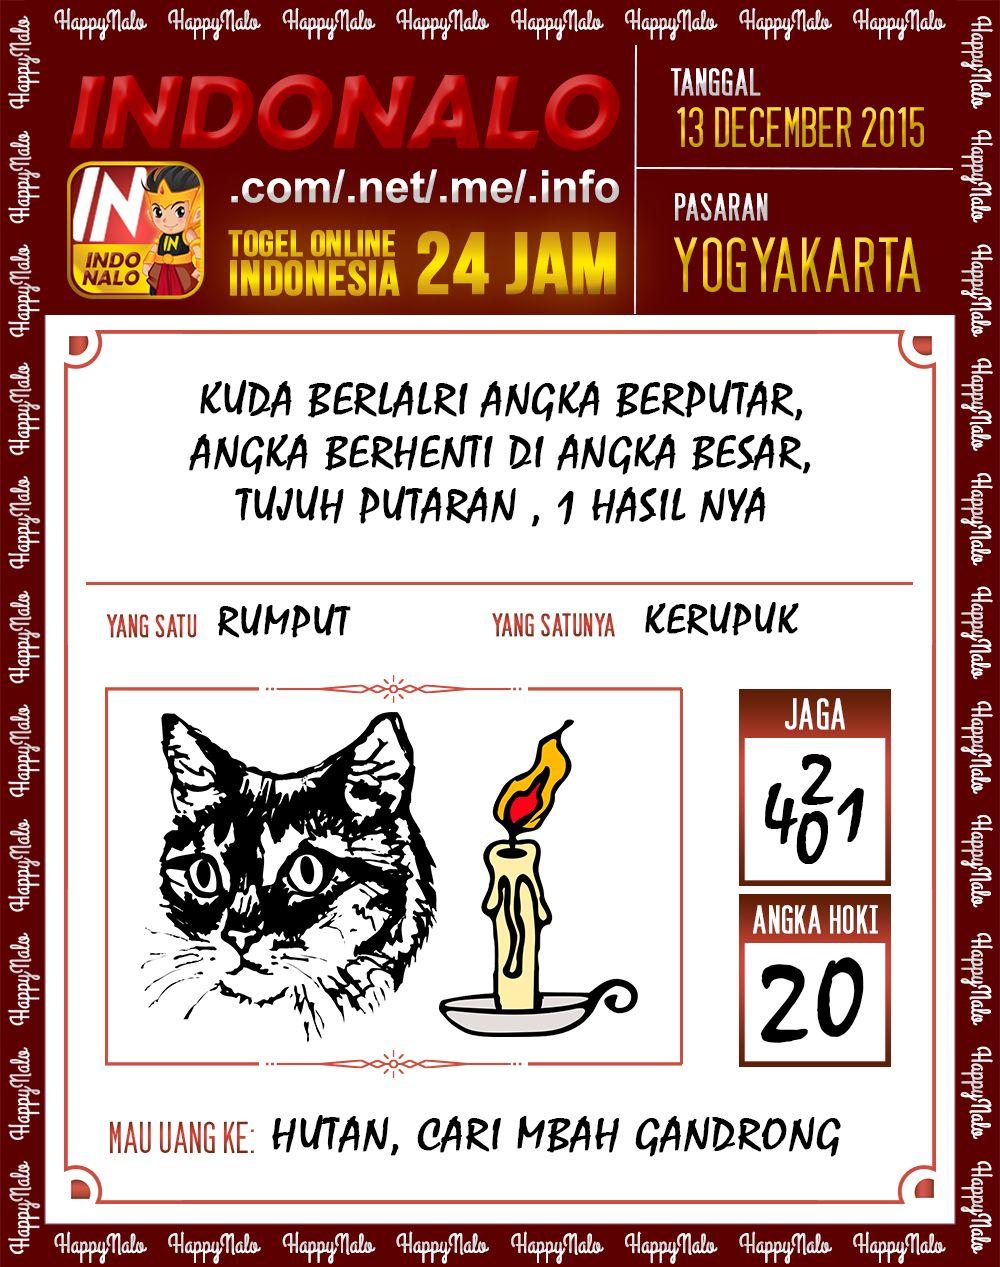 Prediksi Togel Yogyakarta 13 Desember 2015  * www.indoNalo.net Agen Togel Online Indonesia Terpercaya 4D 66% 3D 59% 2D 29% DAFTAR GRATIS http://goo.gl/qLSlS0 * REFERRAL 1% Seumur Hidup Dan Tanpa Syarat WWW.INDONALO.NET * www.INDONALO.net Togel Number Game 3D LIVE Dengan DEALER Diundi Setiap 3 Menit dan Buka Setiap Hari Min.Bet.Rp.1000  * www.indoNalo.net Kupon HappyNalo 6&4 Nomor Rp.5Rb Total Hadiah Rp.3.55M Diundi Setiap Hari DAFTAR GRATIS http://goo.gl/qLSlS0